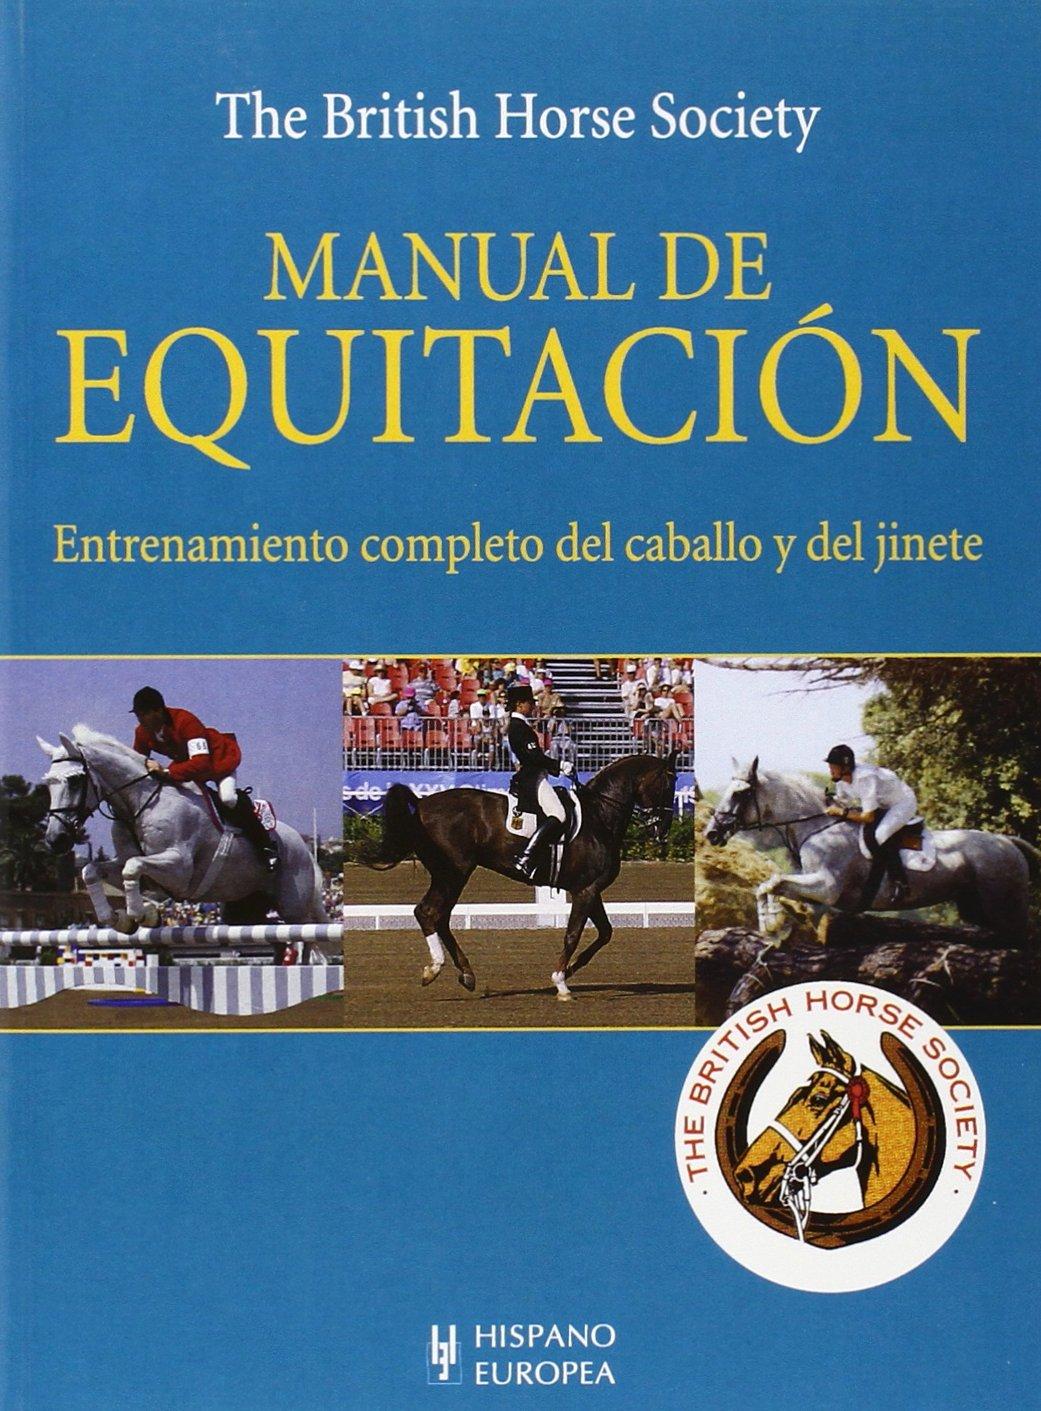 Manual de equitación (Herakles) Tapa blanda – 1 ene 2017 The British Horse Society Editorial Hispano Europea S.A. 8425511607